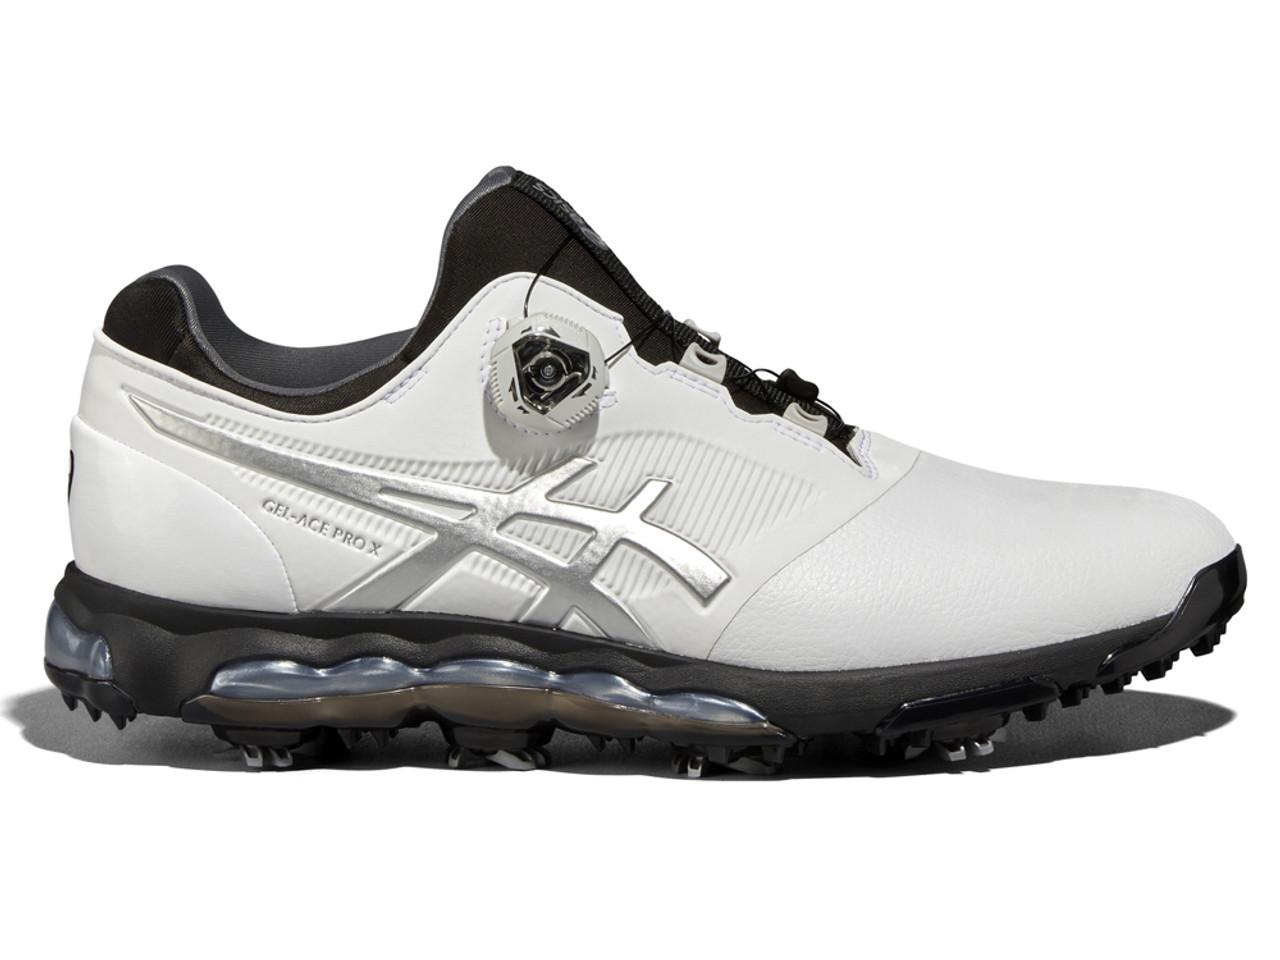 revendeur 481d4 72ff8 Asics Gel Ace Pro X BOA Golf Shoes - White/Black/Silver